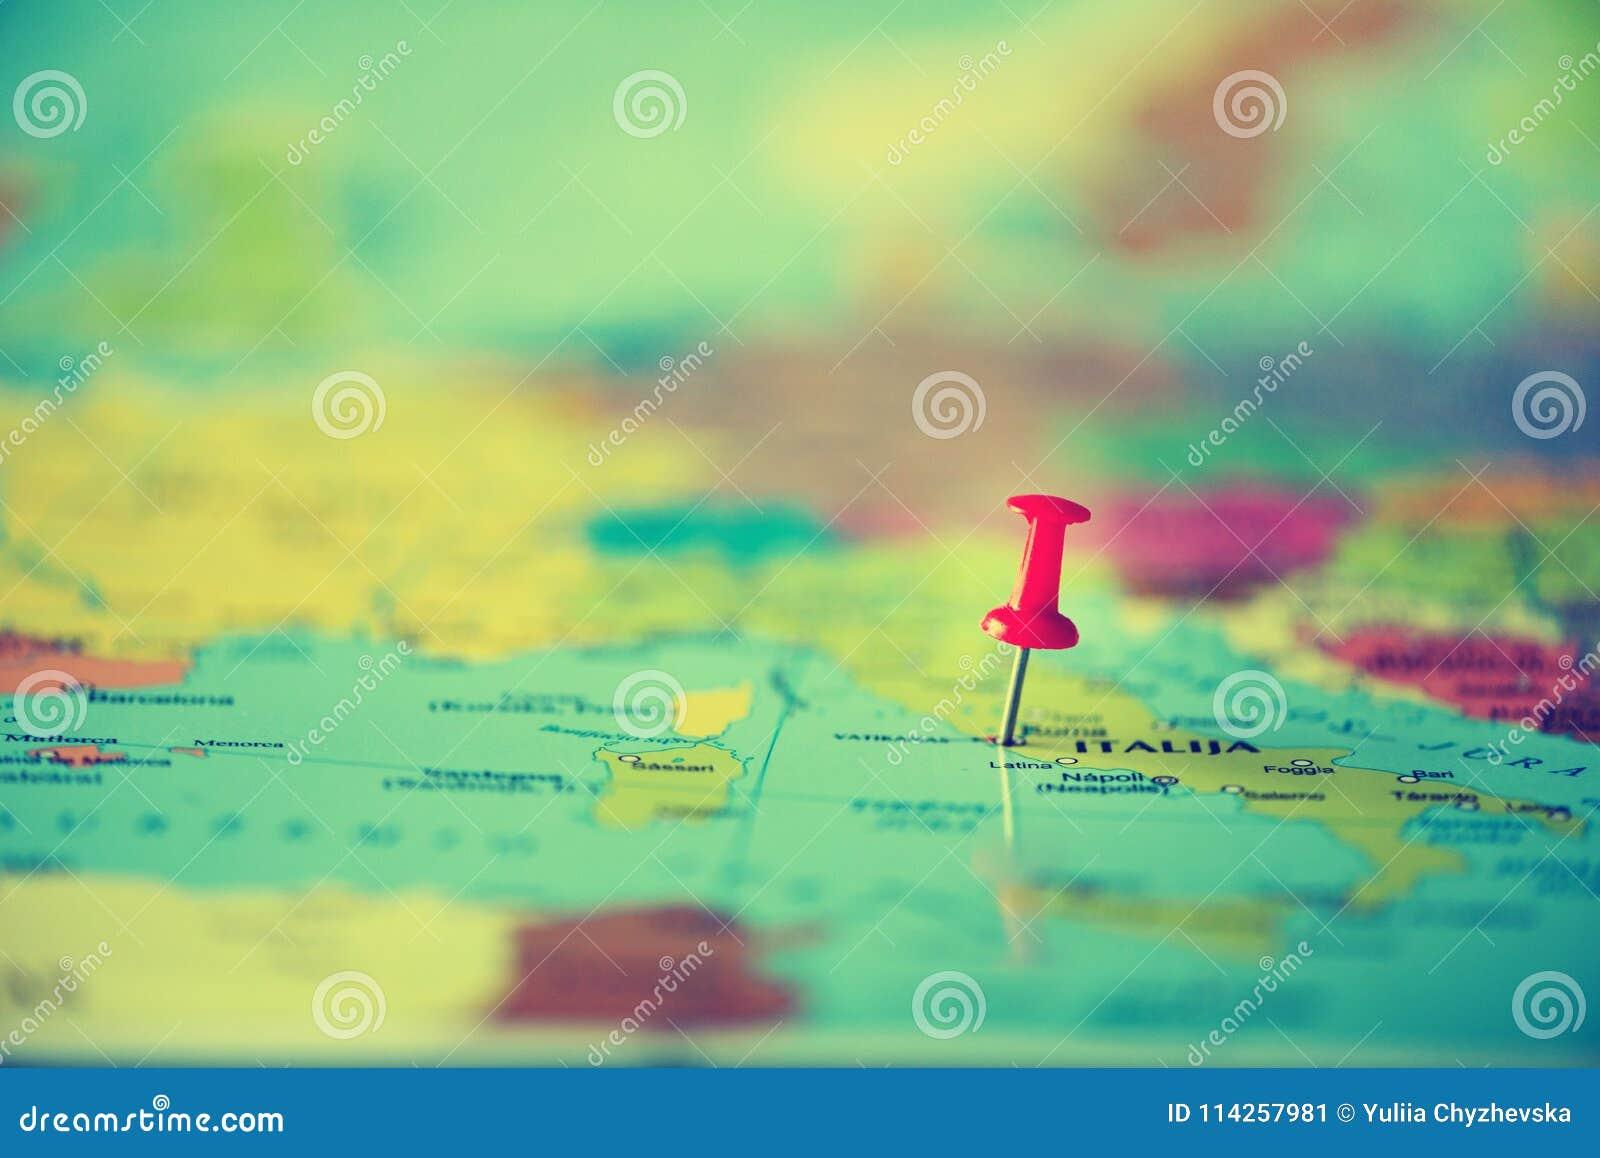 Roter Druckbolzen, Reißzwecke, Stift, der den Standort, Reisezielpunkt auf Karte zeigt Kopieren Sie Raum, Lebensstilkonzept